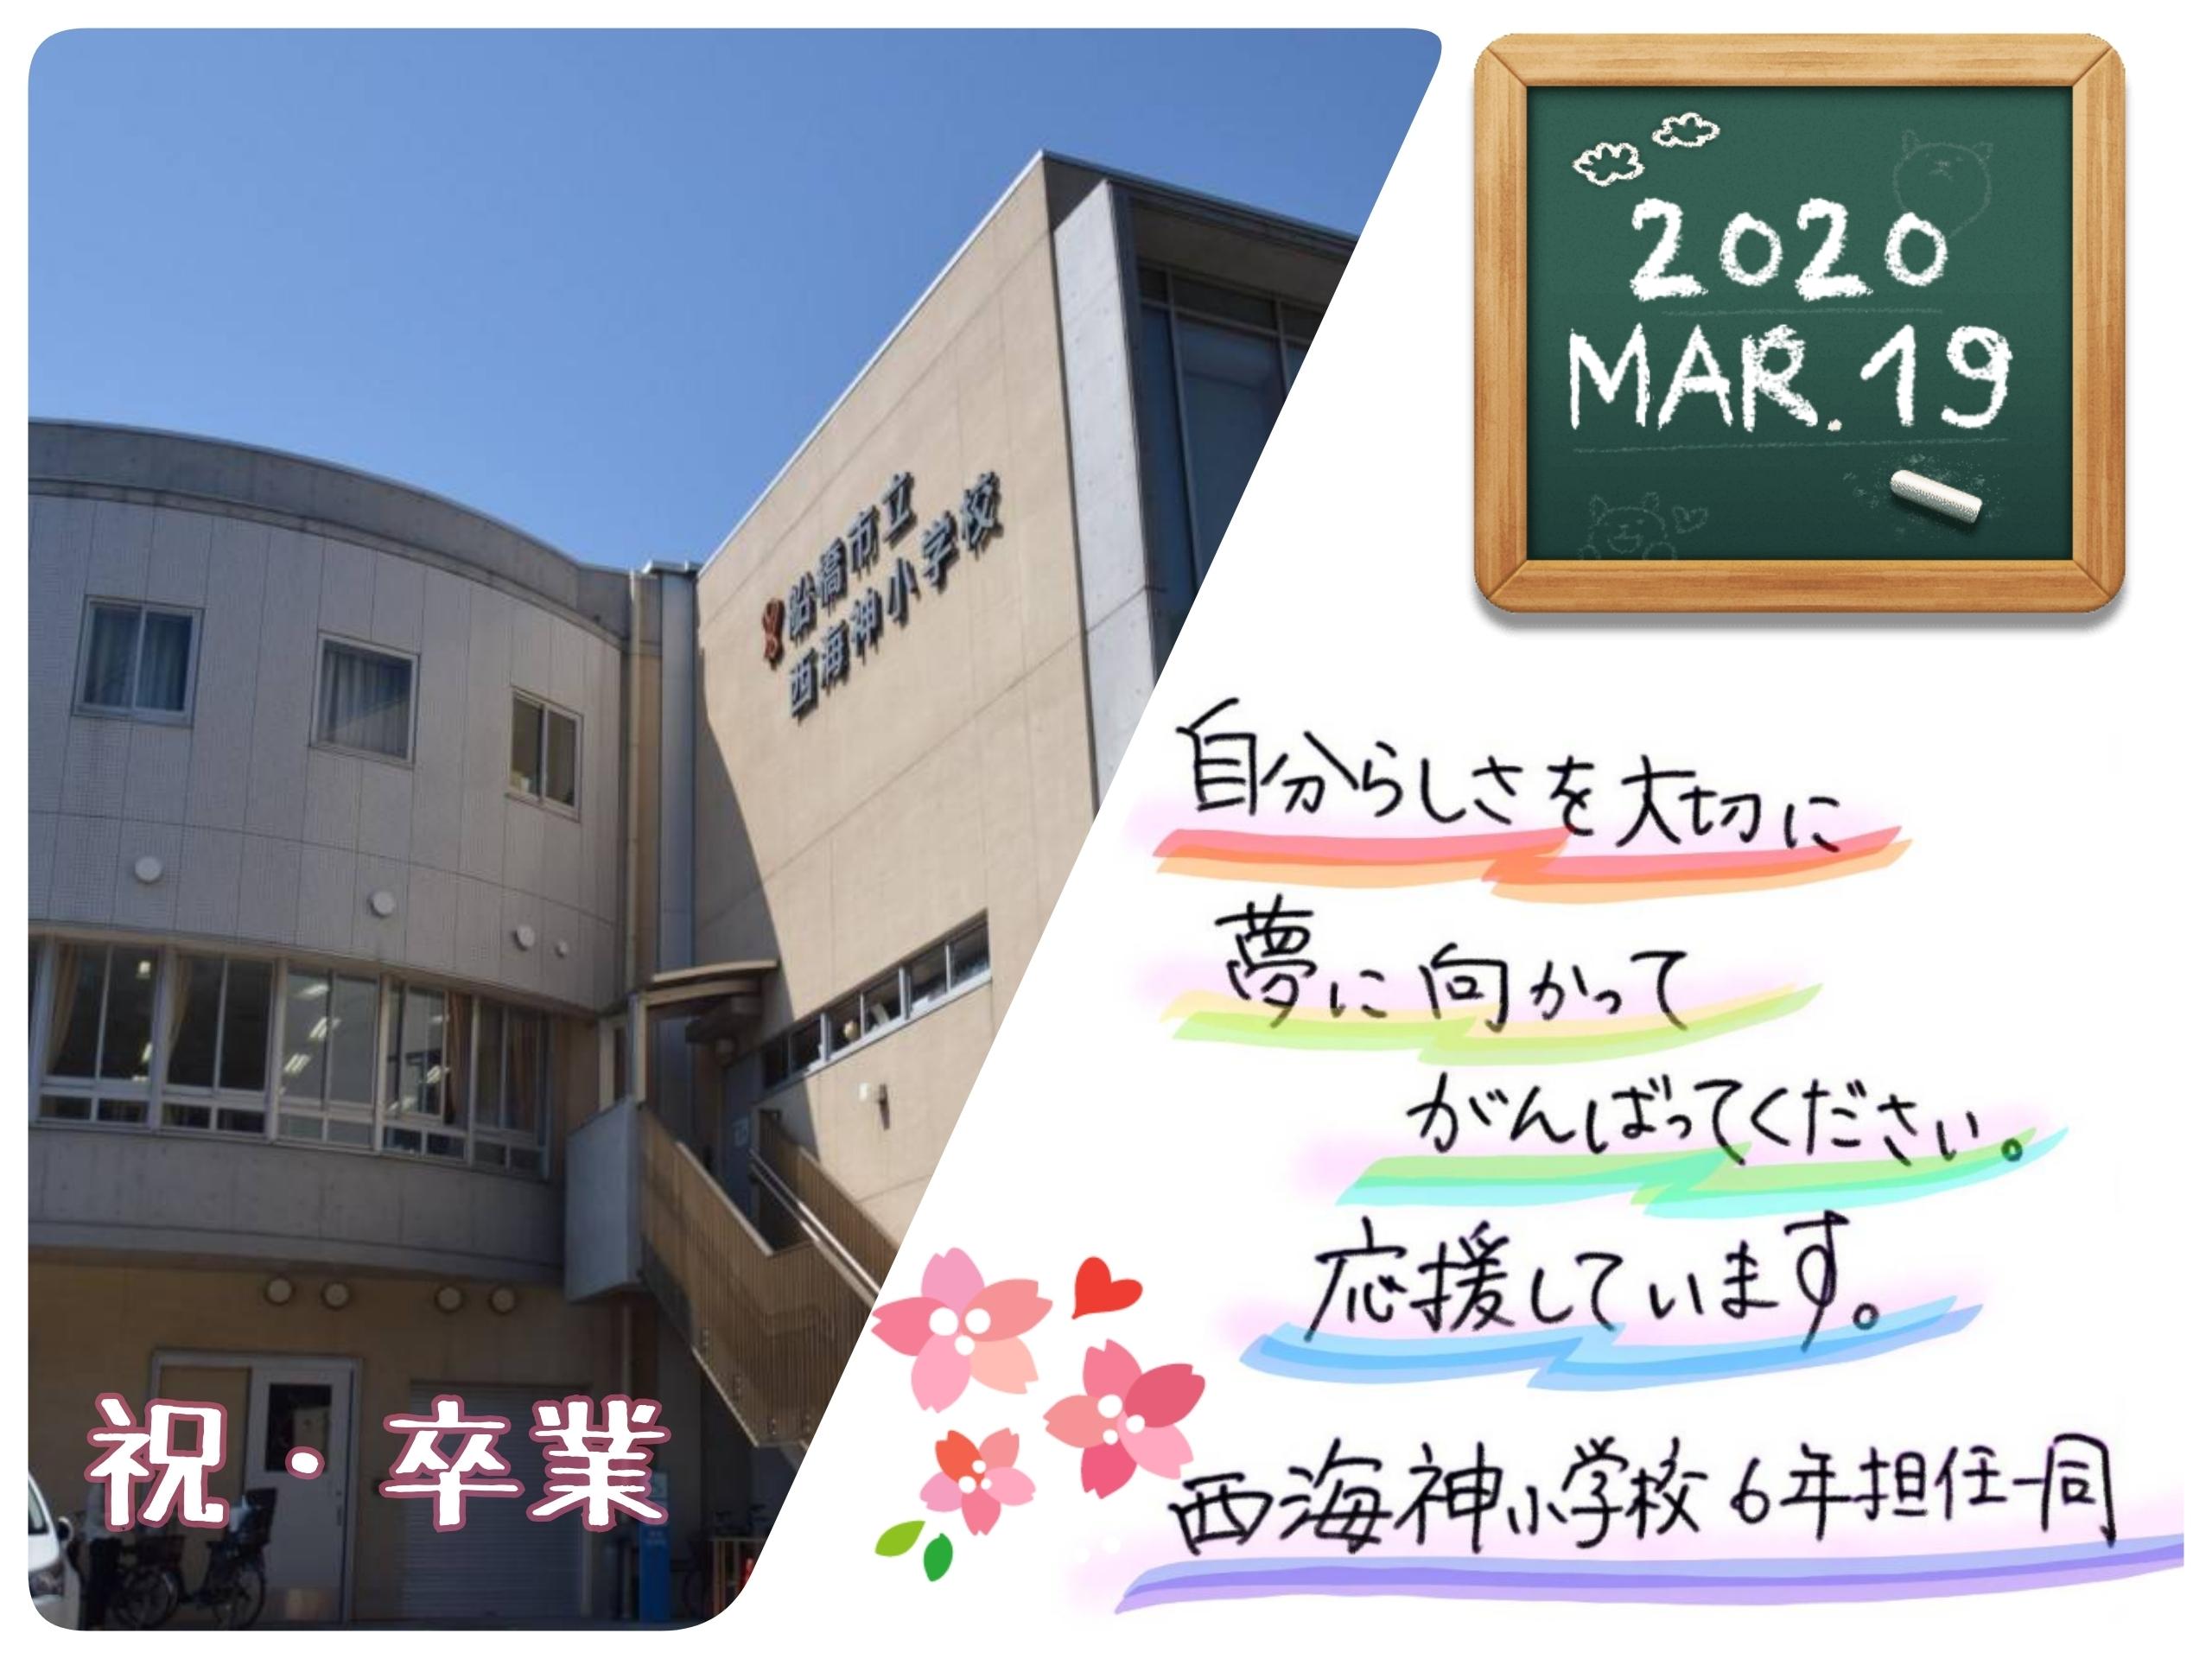 船橋市立西海神小学校の先生から卒業生への直筆お祝いメッセージ